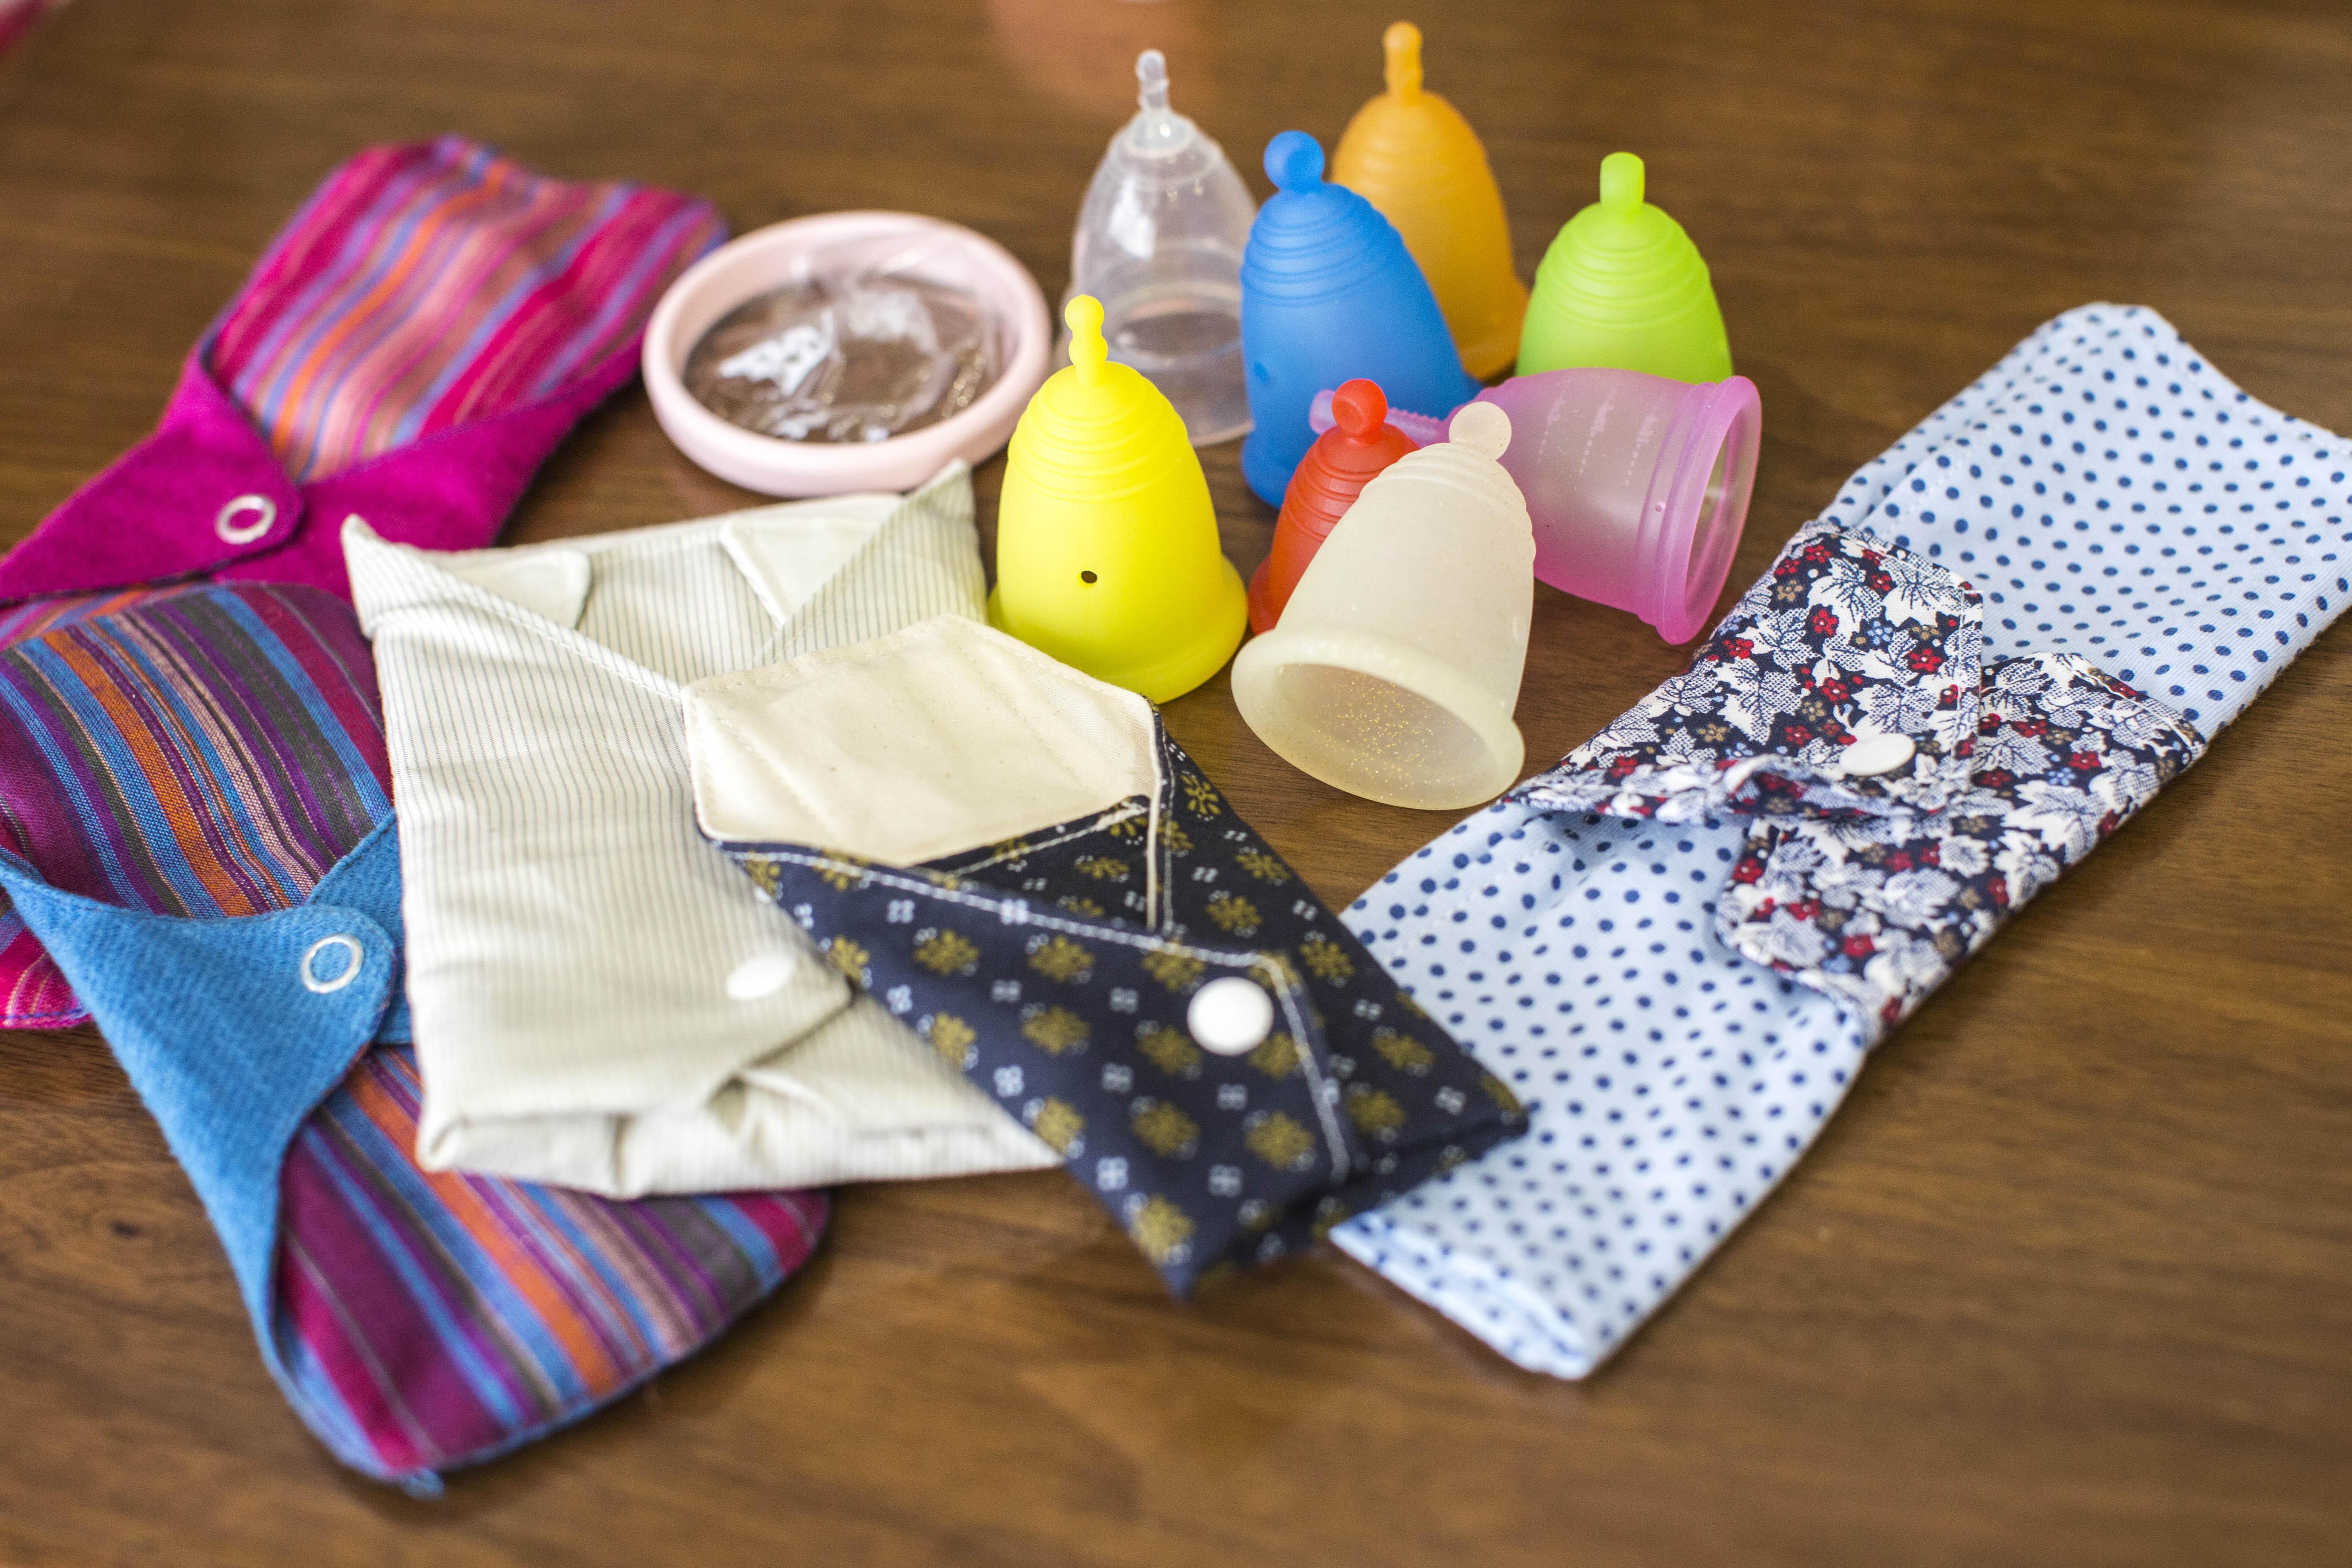 月事用品-月光杯及布衛生巾。